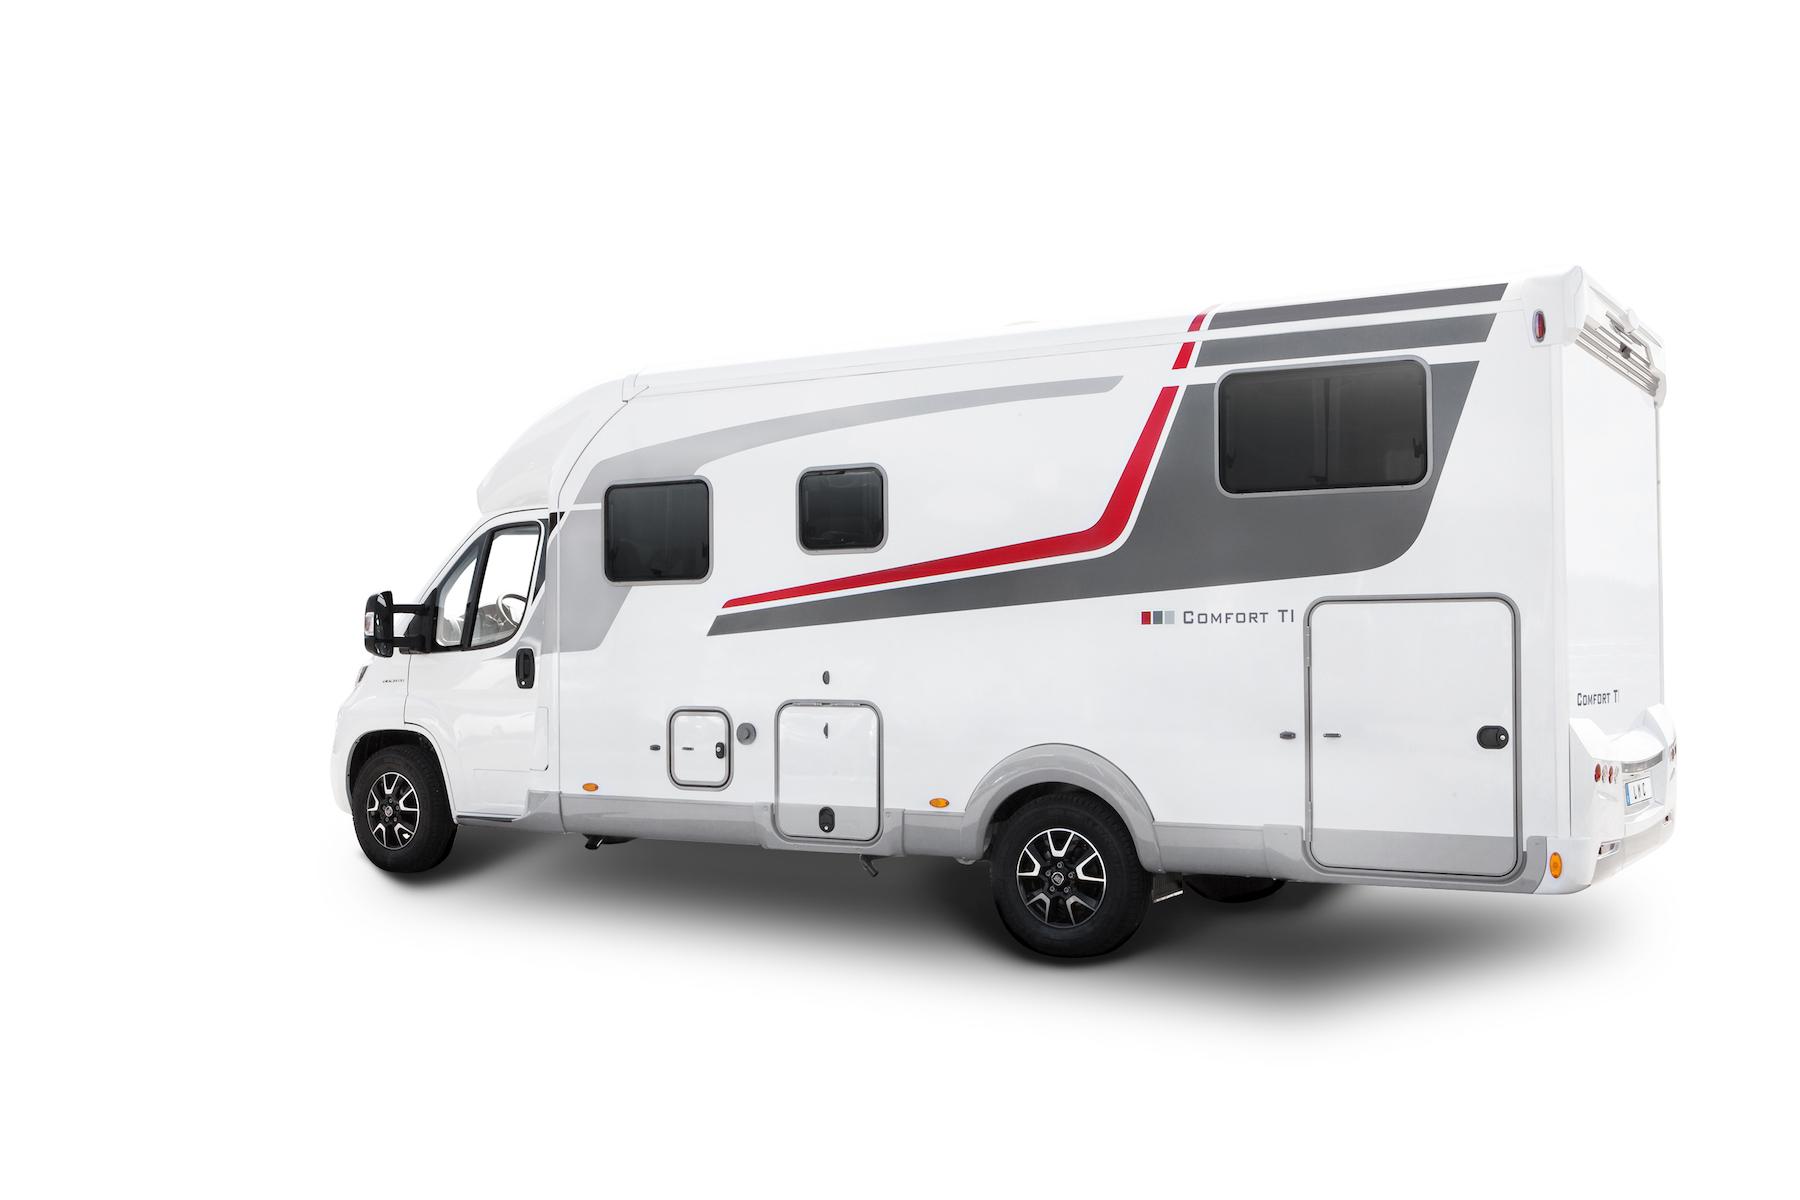 LMC Comfort TI_732g_camper kopen 2019